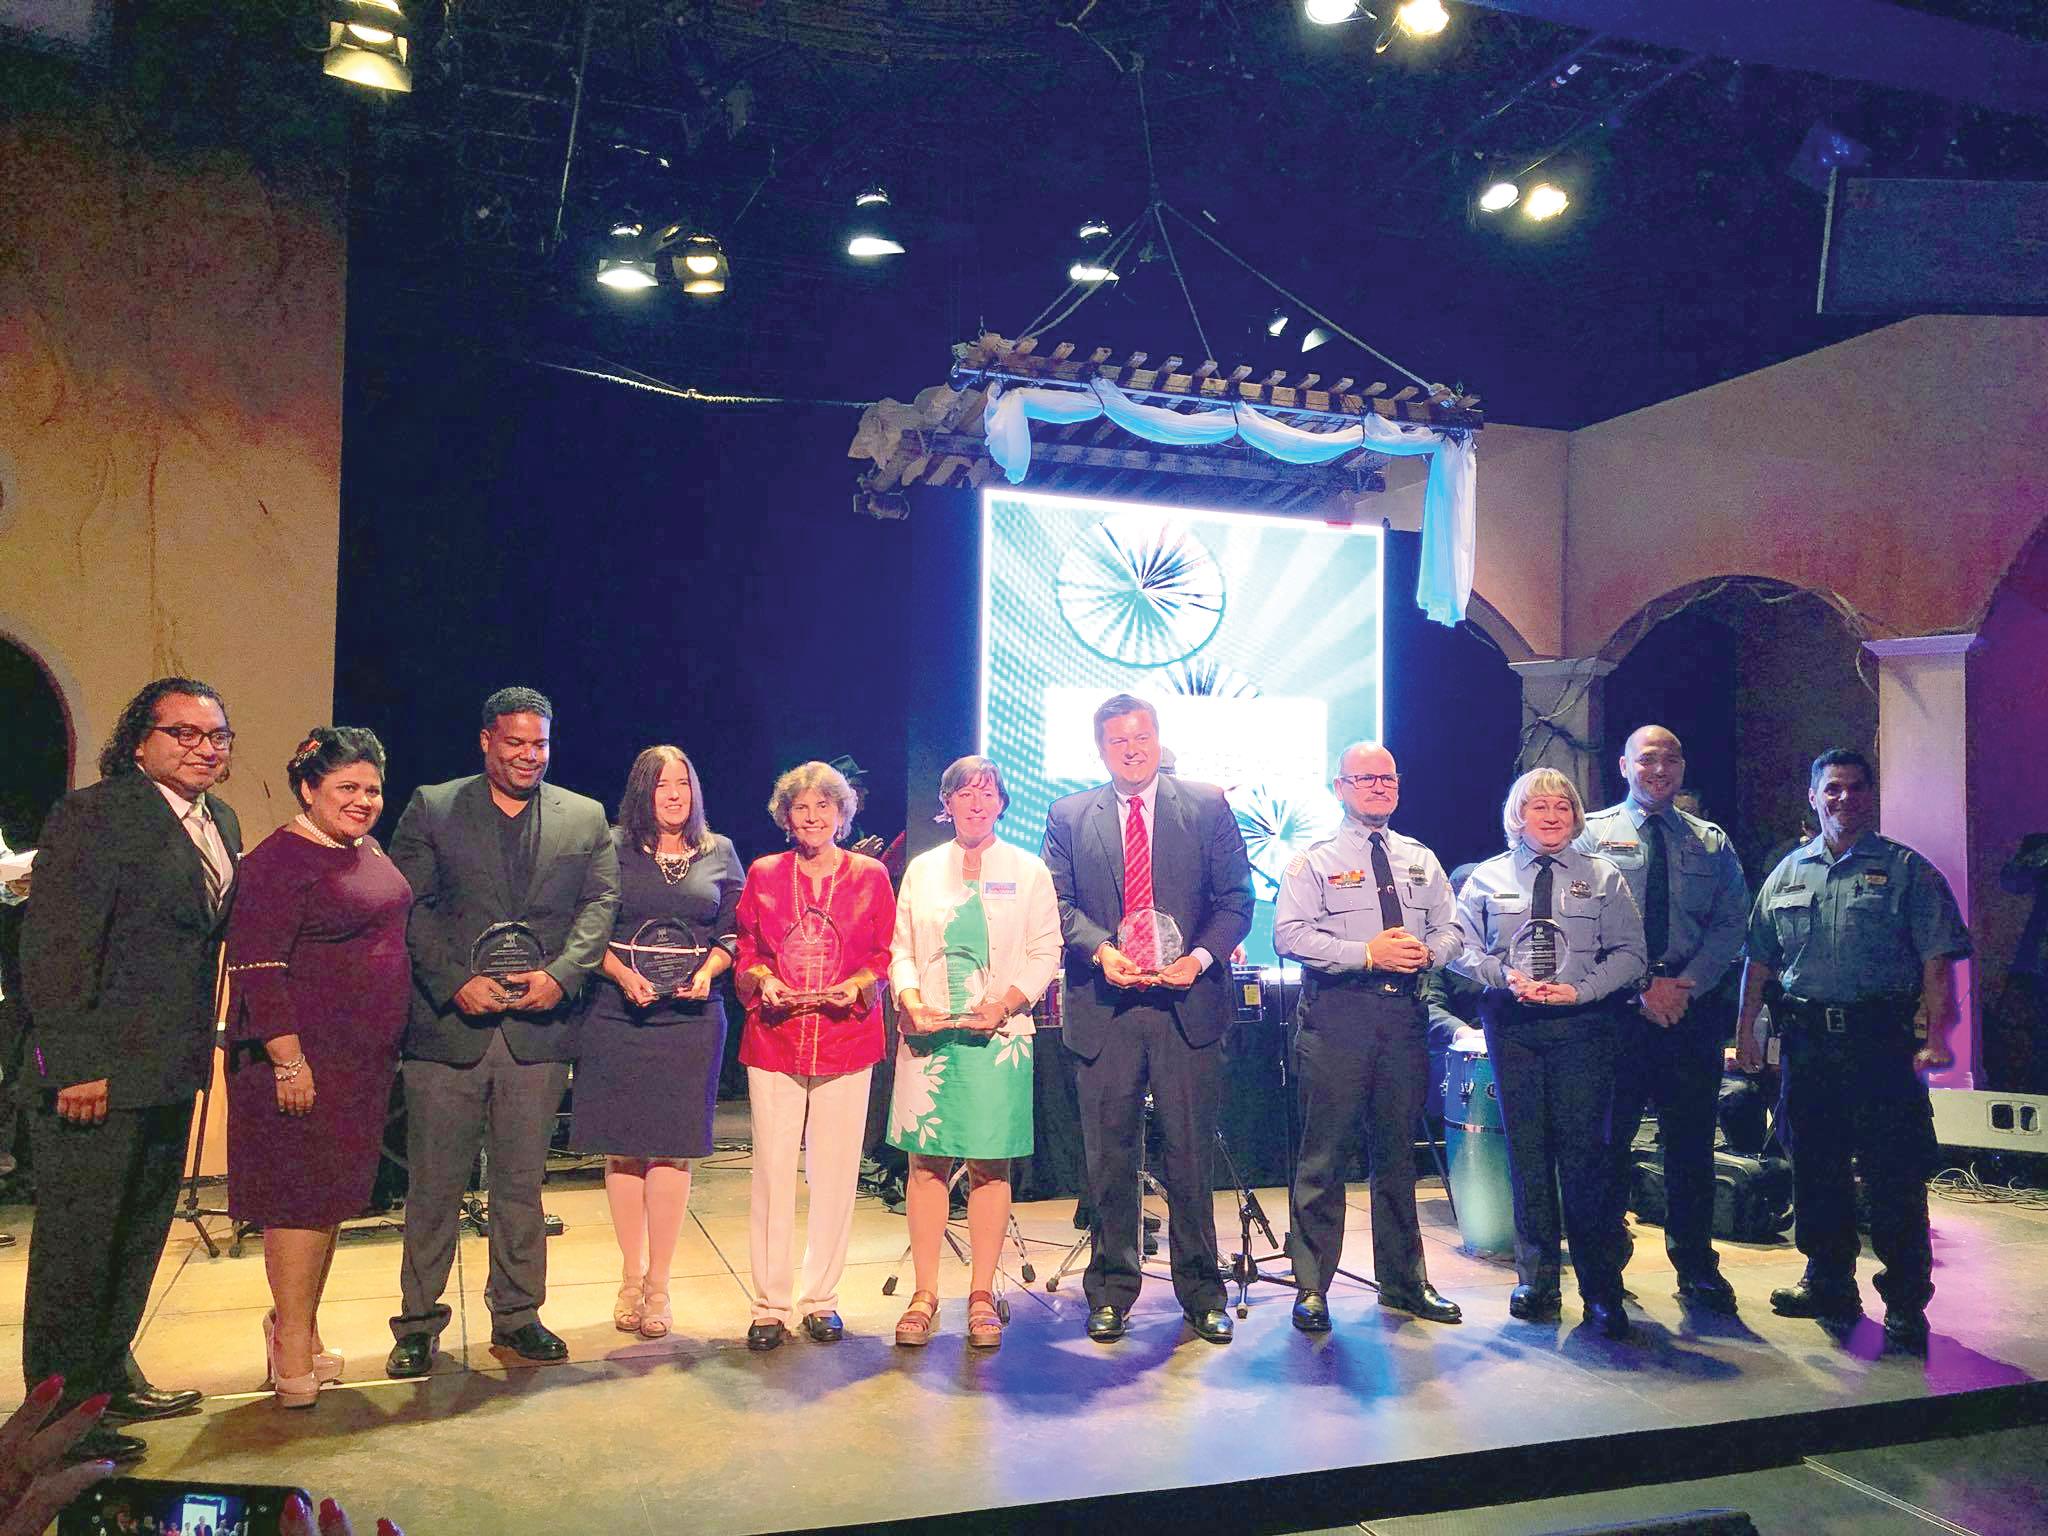 Oficina para Asuntos Latinos (MOLA) presenta Noche Cultural y Award